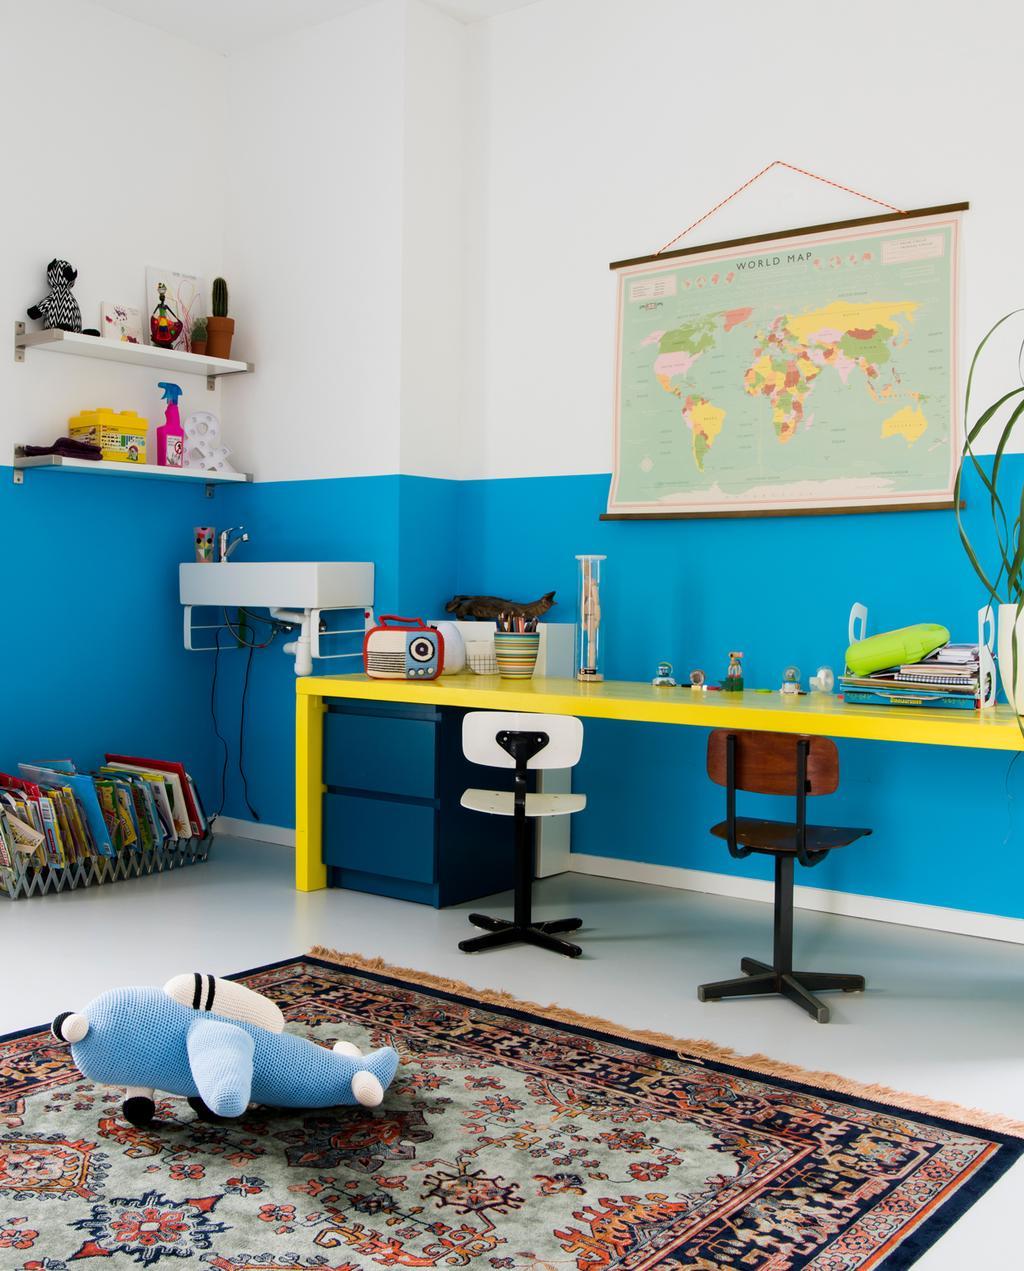 vtwonen binnenkijken special | binnenkijken in een kleurrijk nieuwbouwhuis in Eindhoven kinderslaapkamer blauw